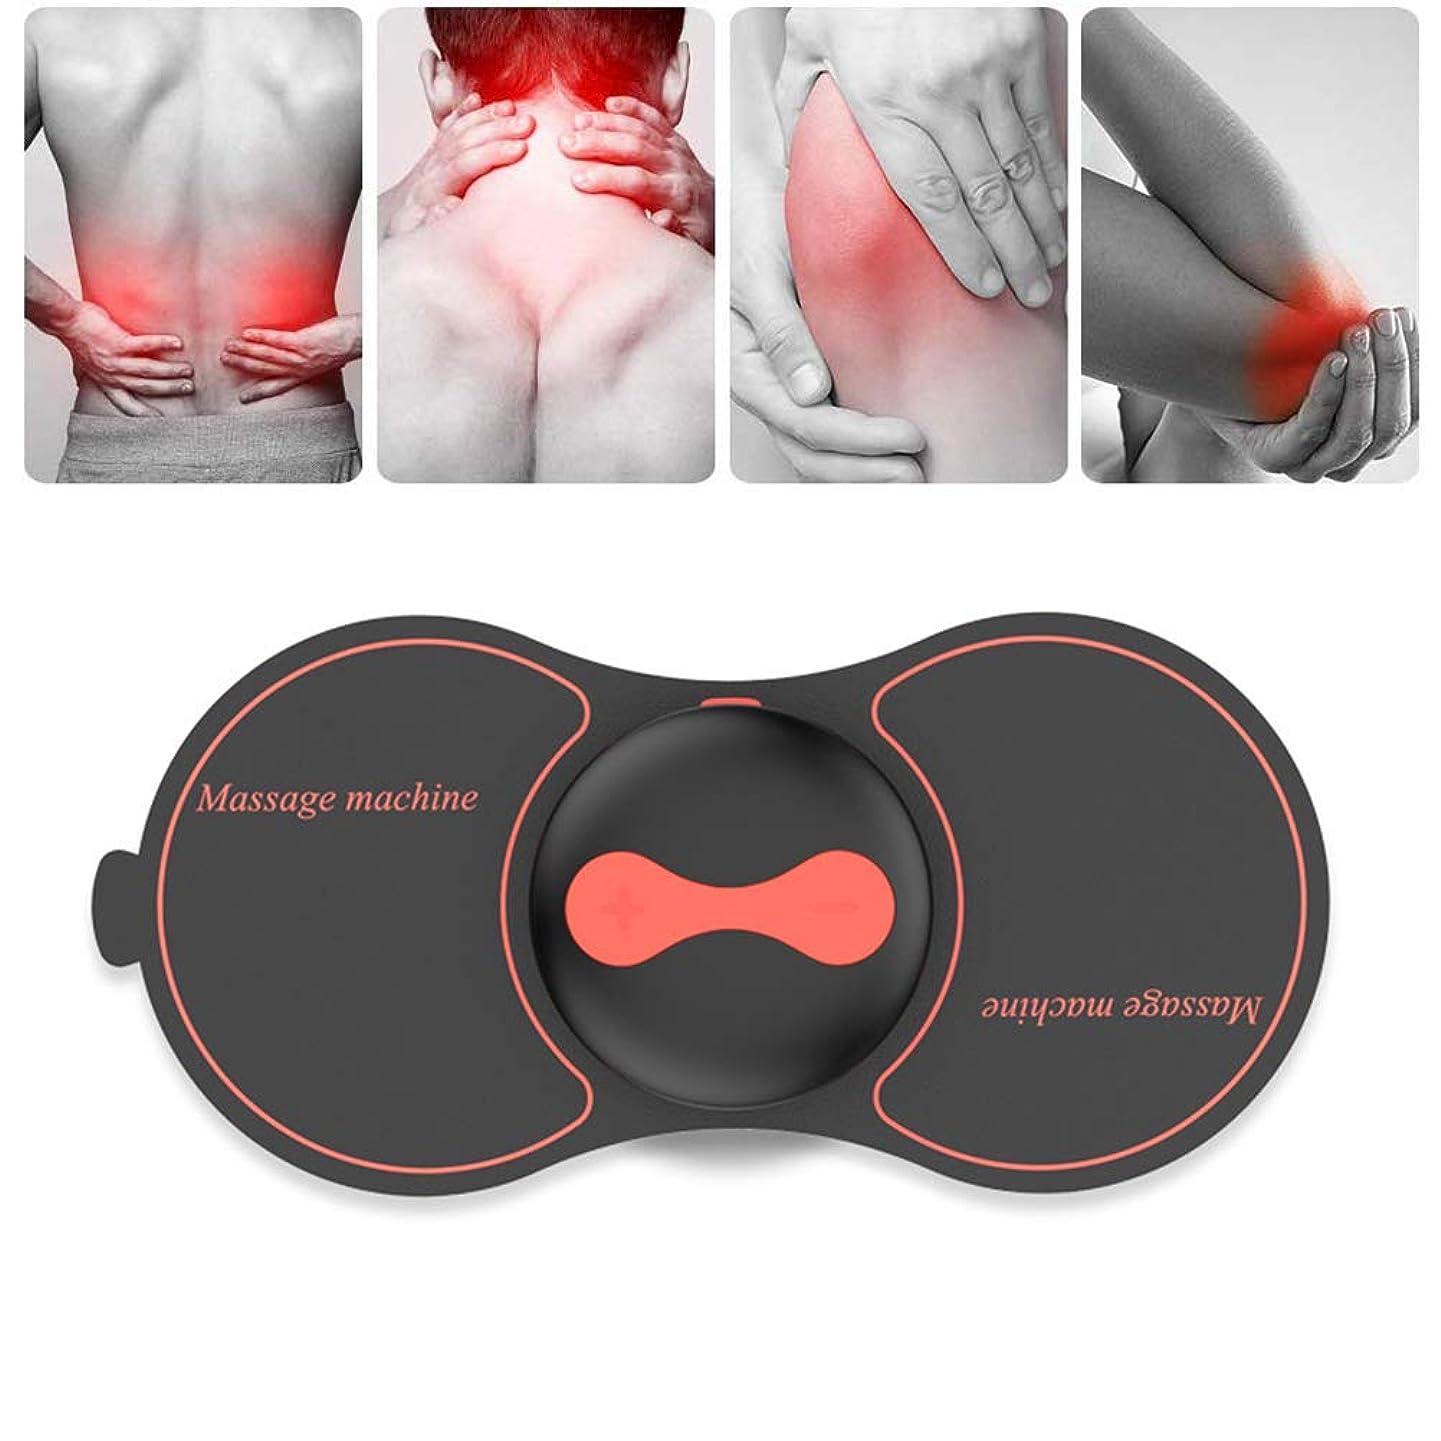 心からキャメルフォーマルBesline マッサージ ミニマッサージ EMSパッド 筋肉刺激 USB充電式 5モデル 10レベル 小型 軽量 持ち運び便利 首/肩/腰/背中/手/足向け 多機能 リラックス 部屋 オフィス 旅行